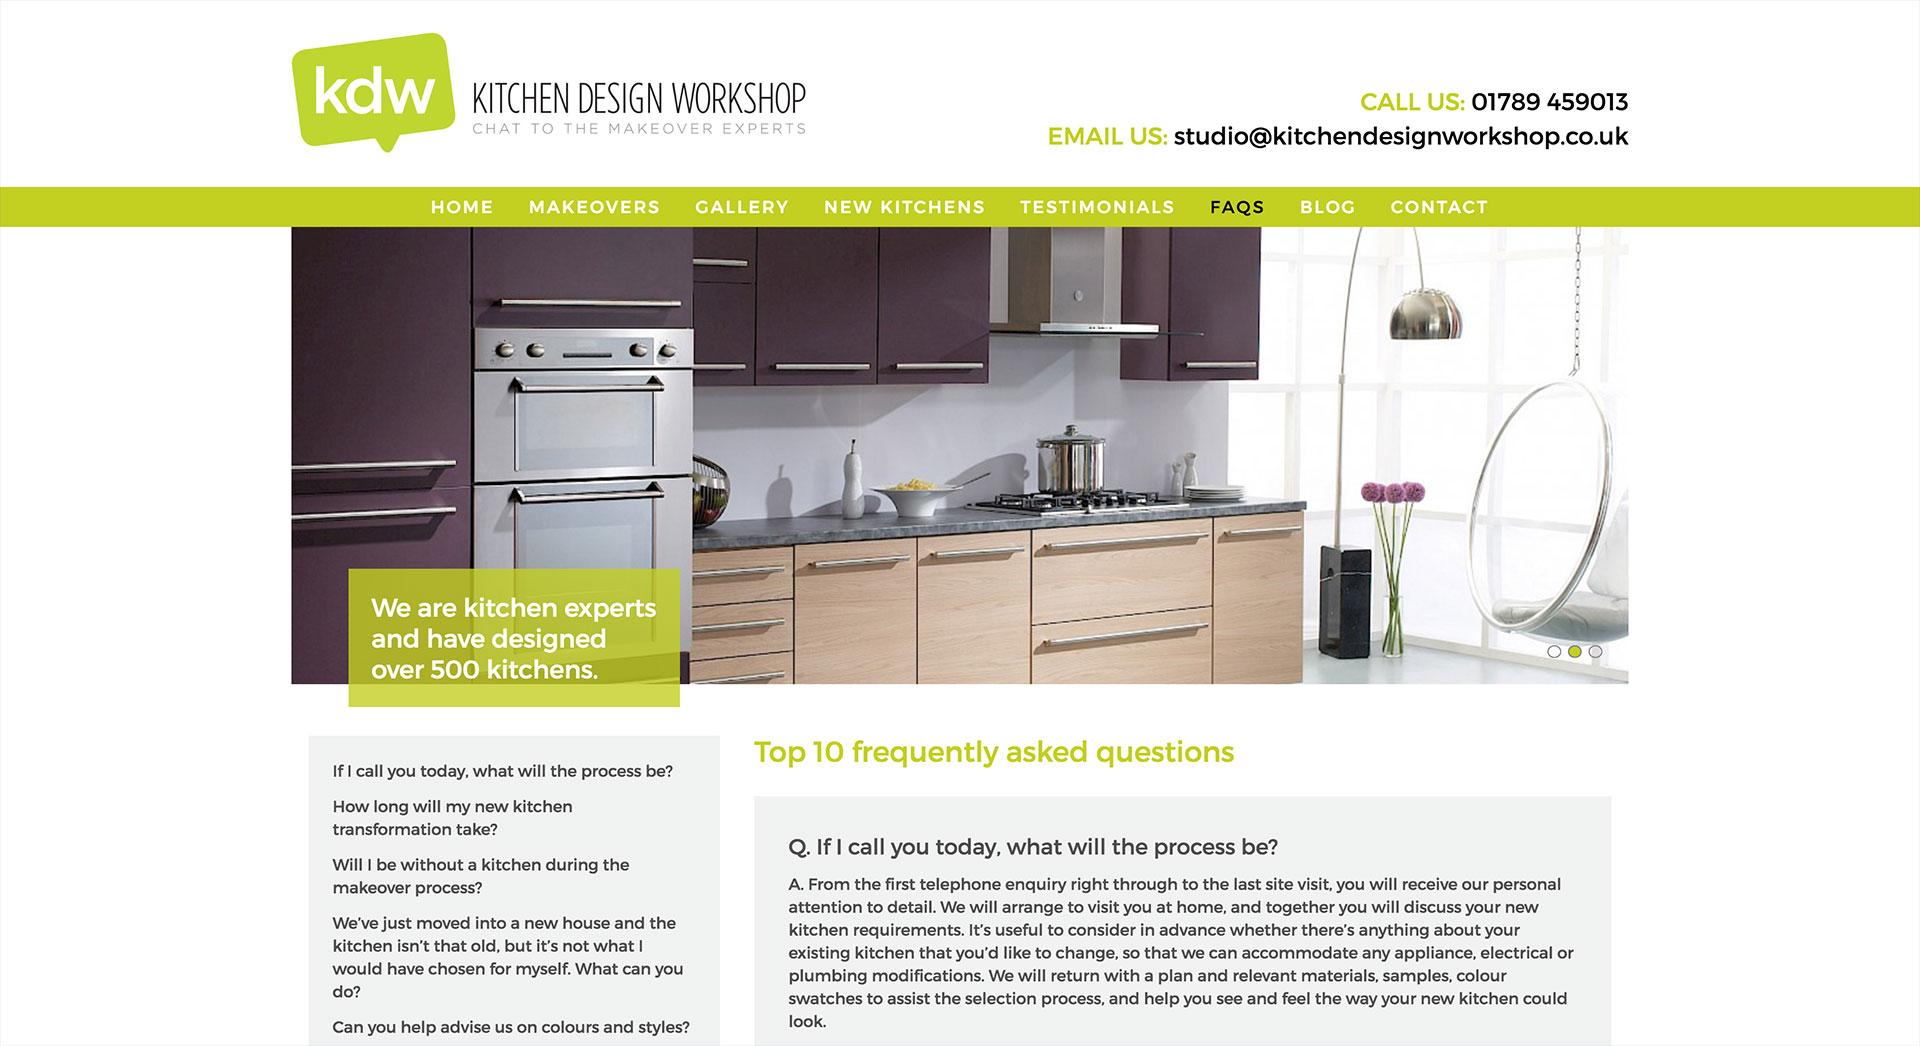 Kitchen Design Workshop   Alex Mercer - Web Design & Web Development ...